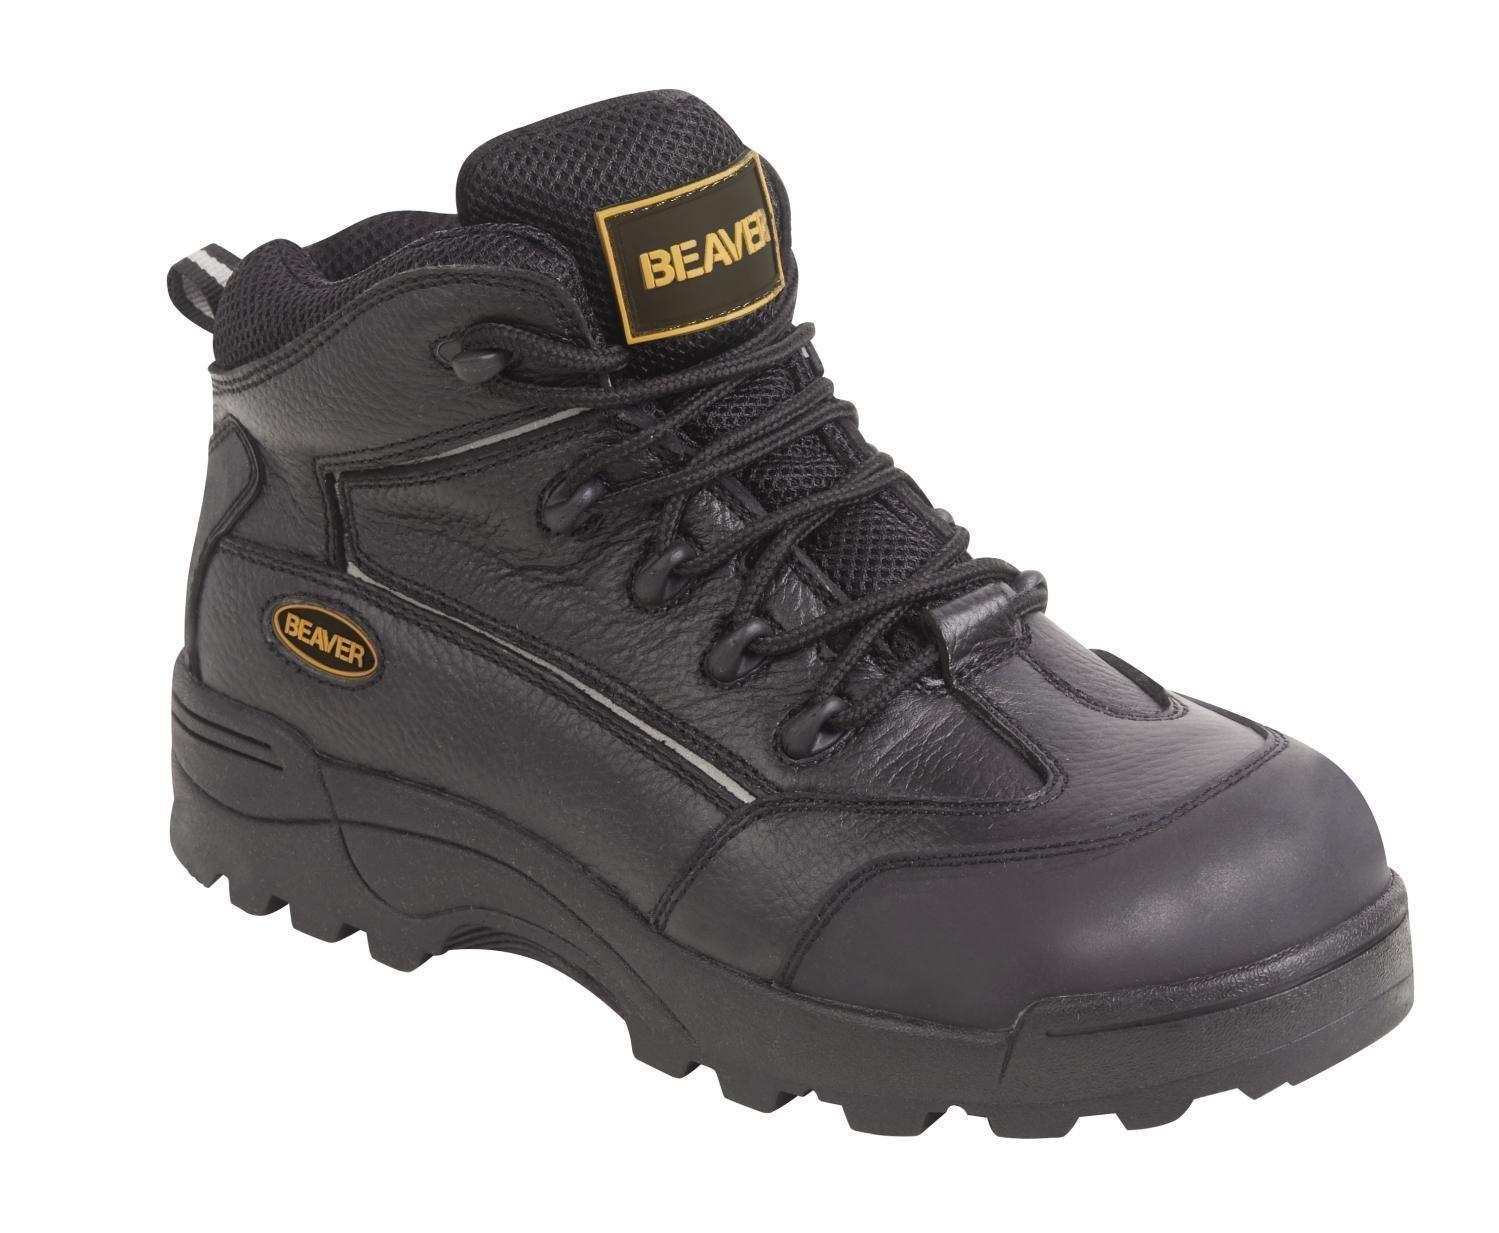 Chaussures de sécurité Beaver Paroh 610